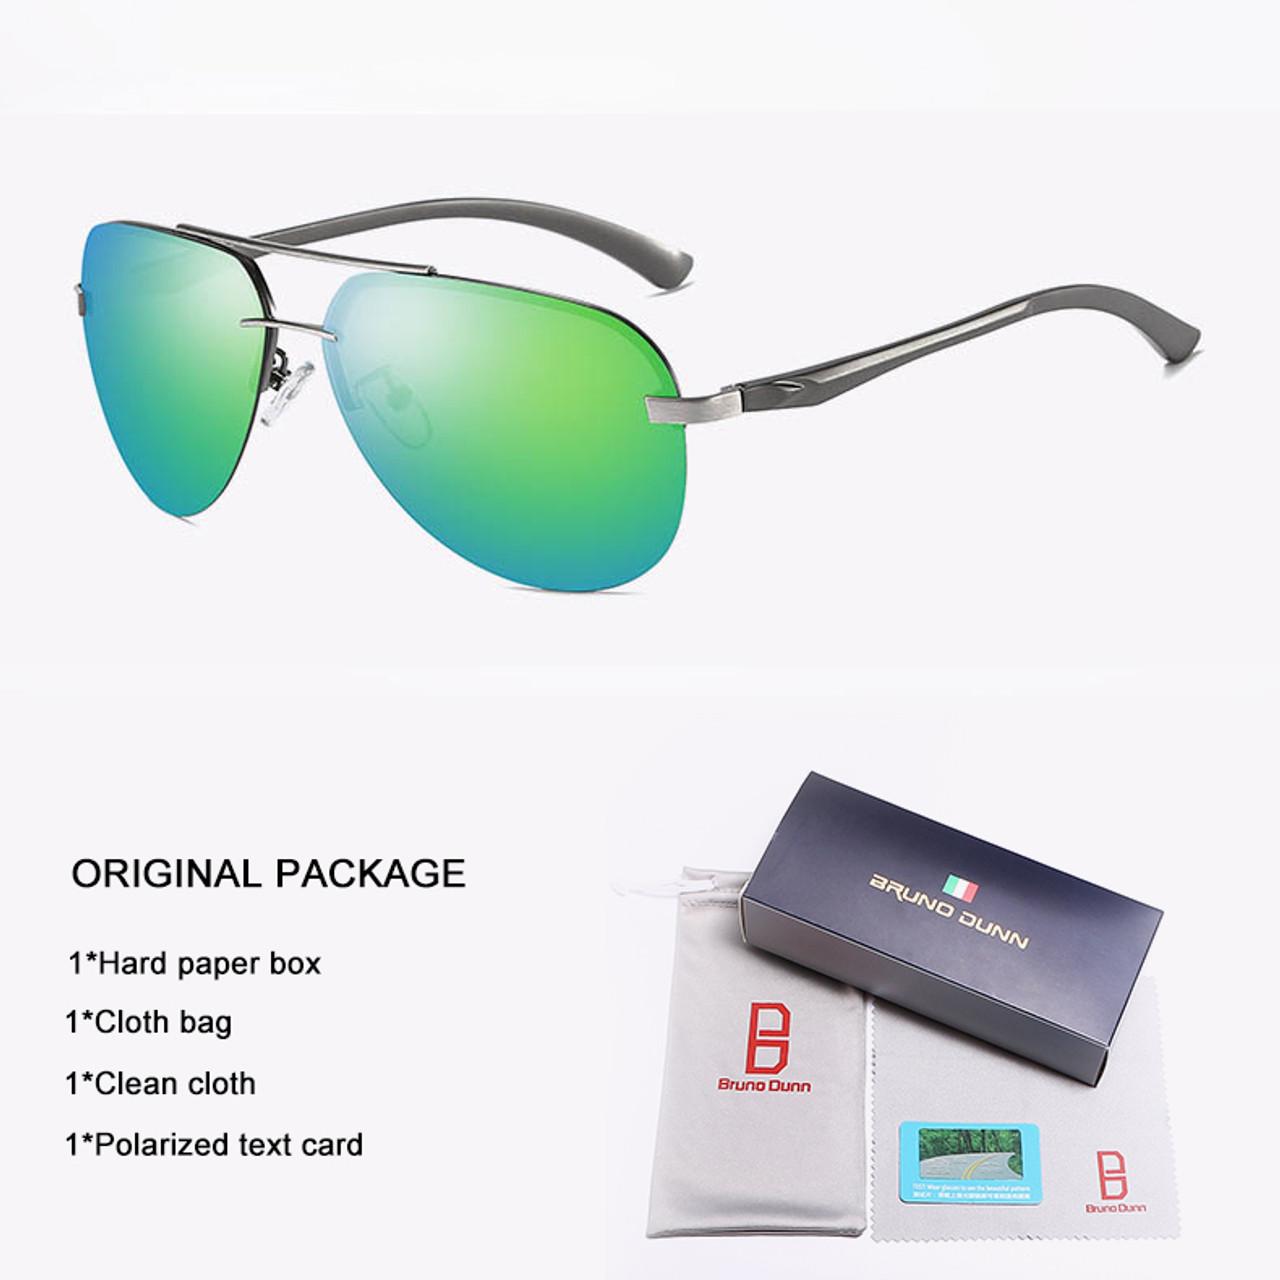 e3c6376716 ... Aluminum Aviator Unisex Retro Sunglasses Polarized Rimless Driving  Mirror Sun Glasses Oculos Aviador Lunette Ray for ...